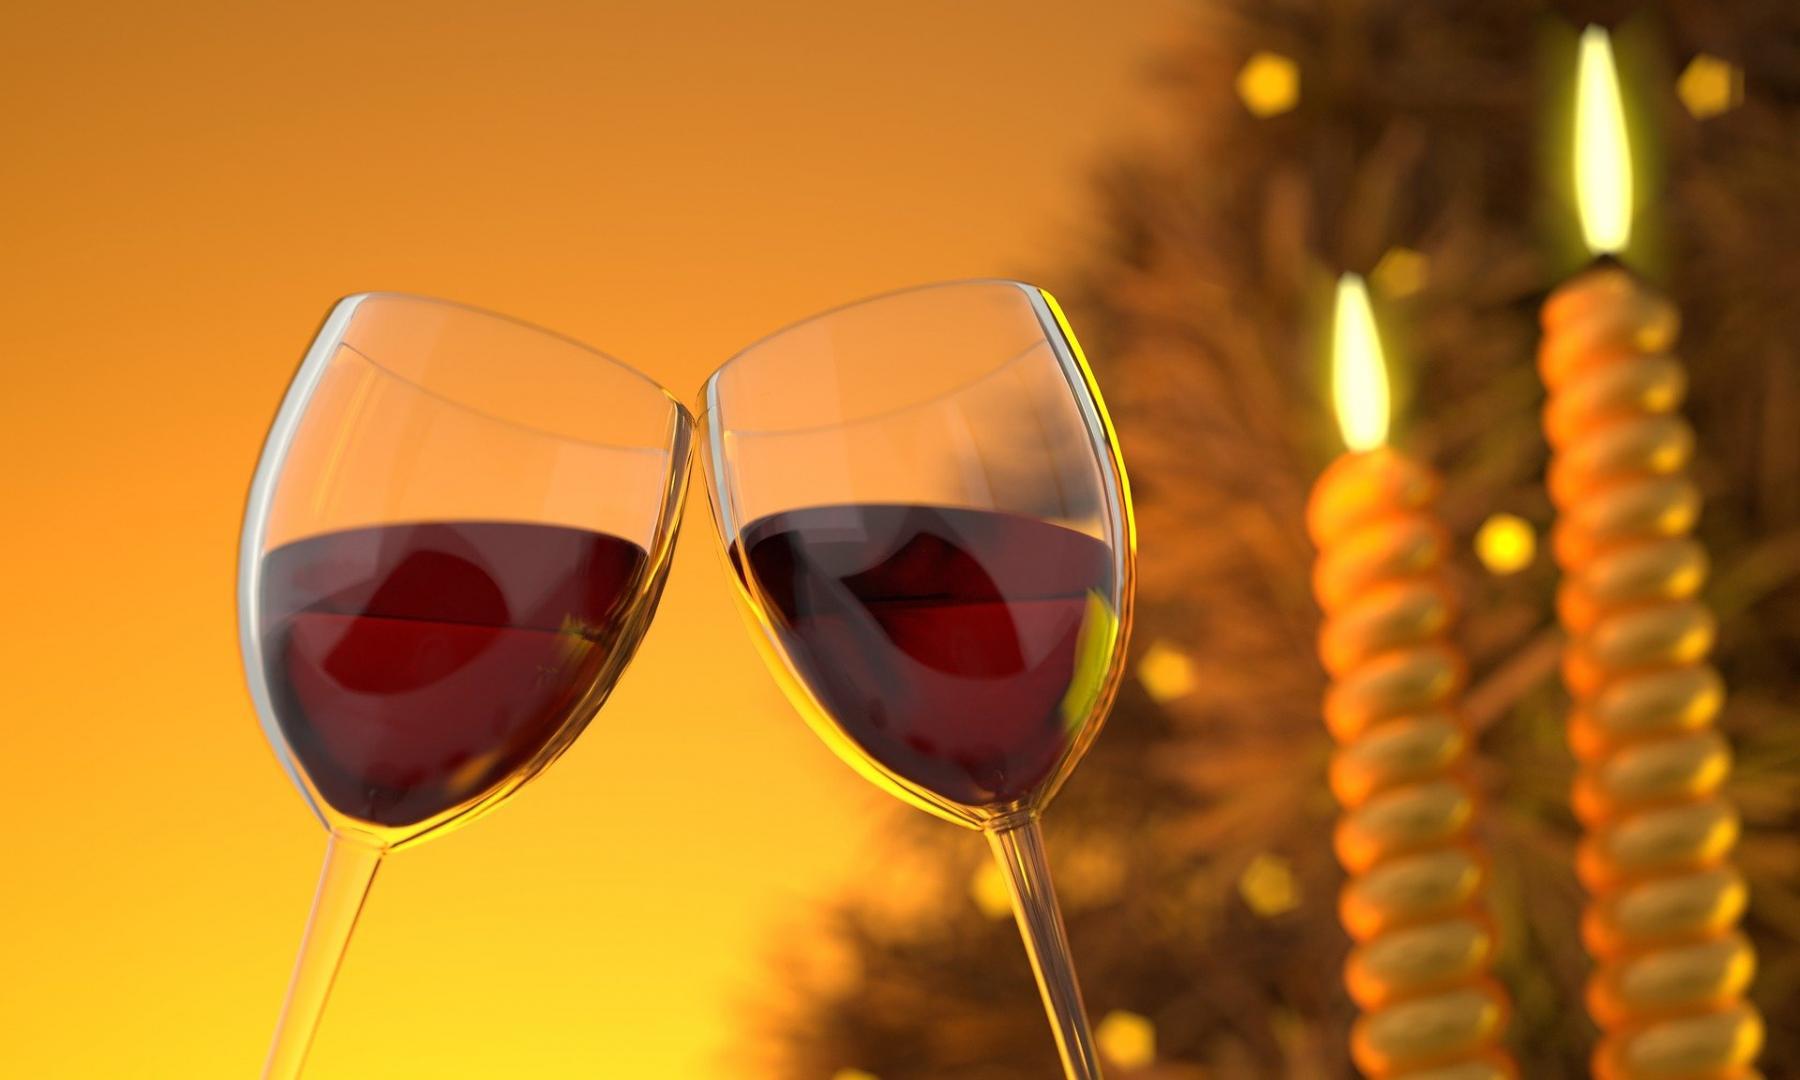 Ein Glas Wein oder Bier beim ersten Date ist durchaus o.k., wenn beide Alkohol trinken.